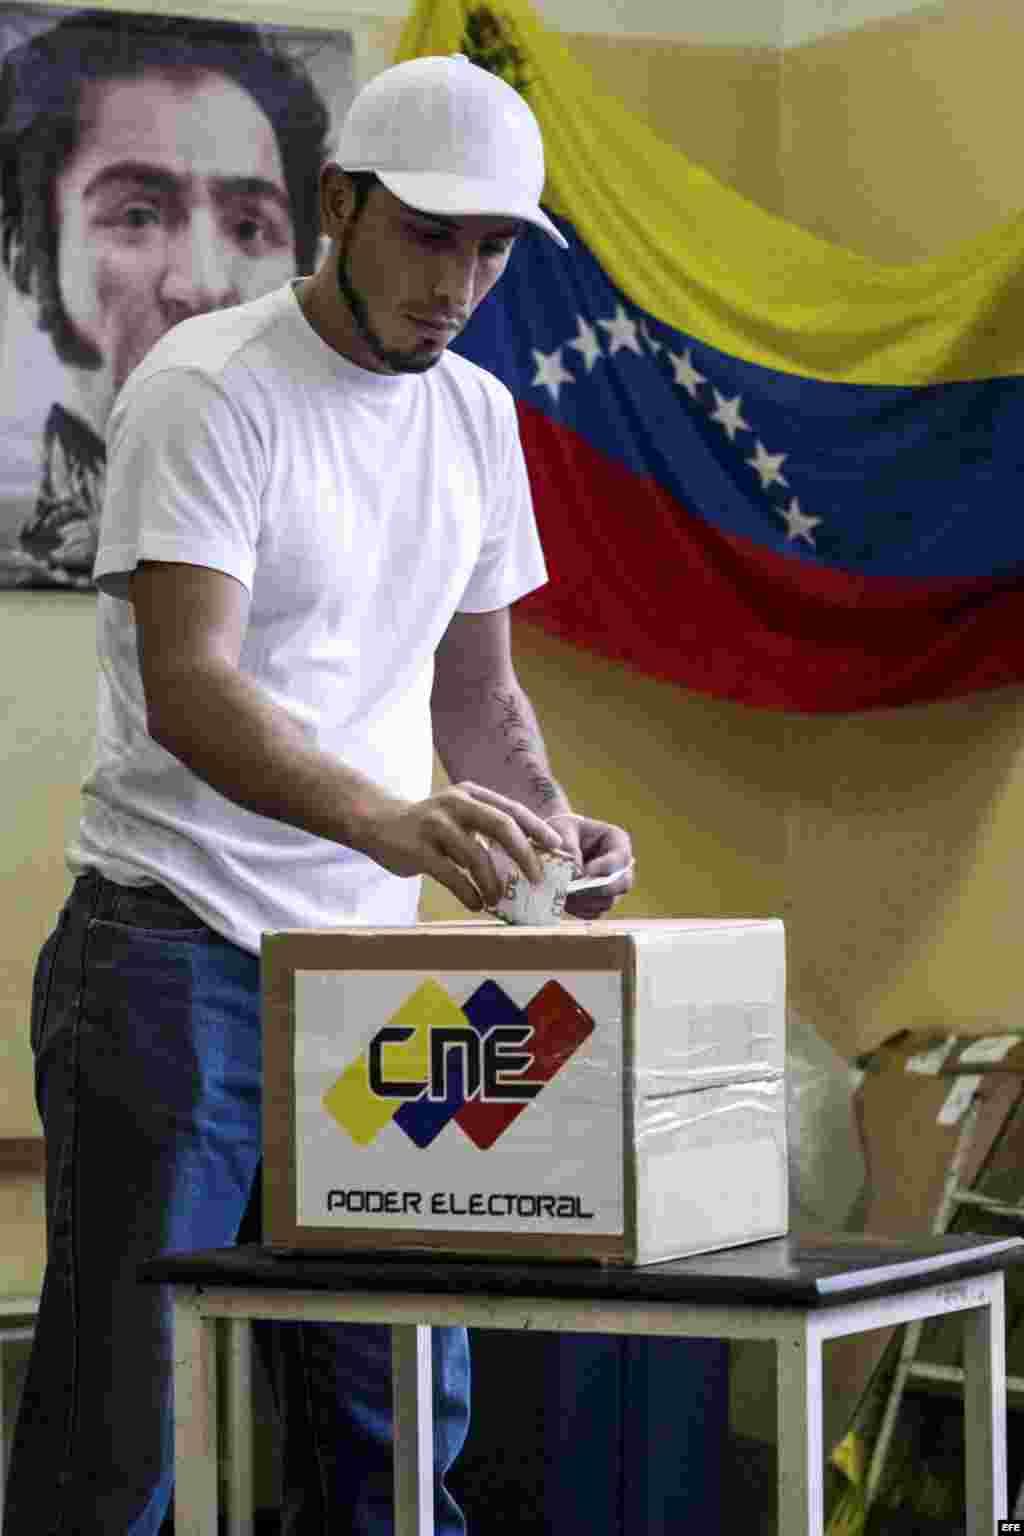 Elecciones municipales en Venezuela. Un joven ejerce el voto.